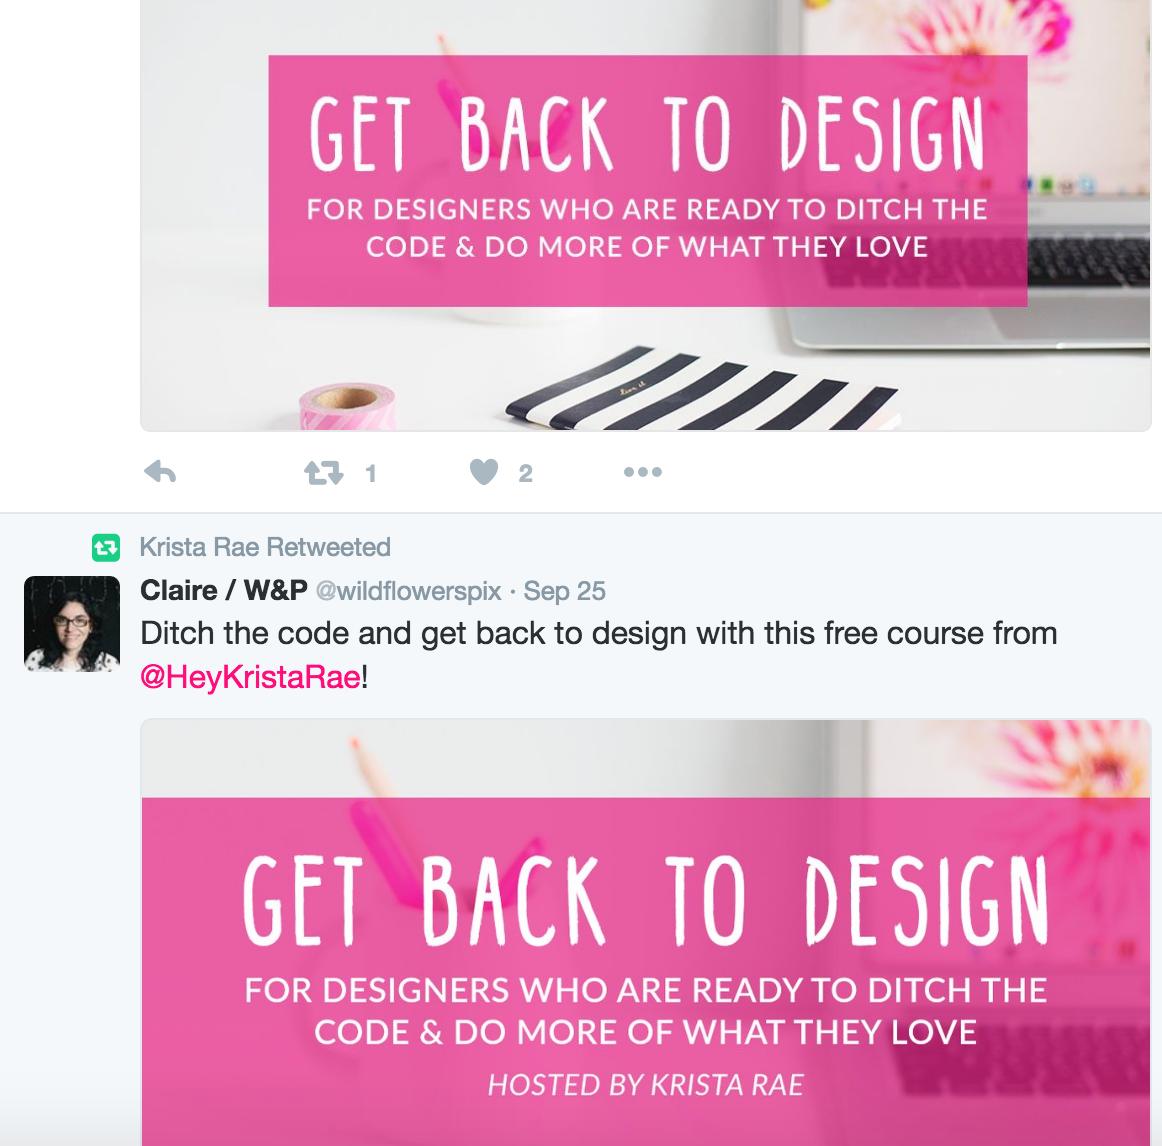 branded blog post graphics for twitter